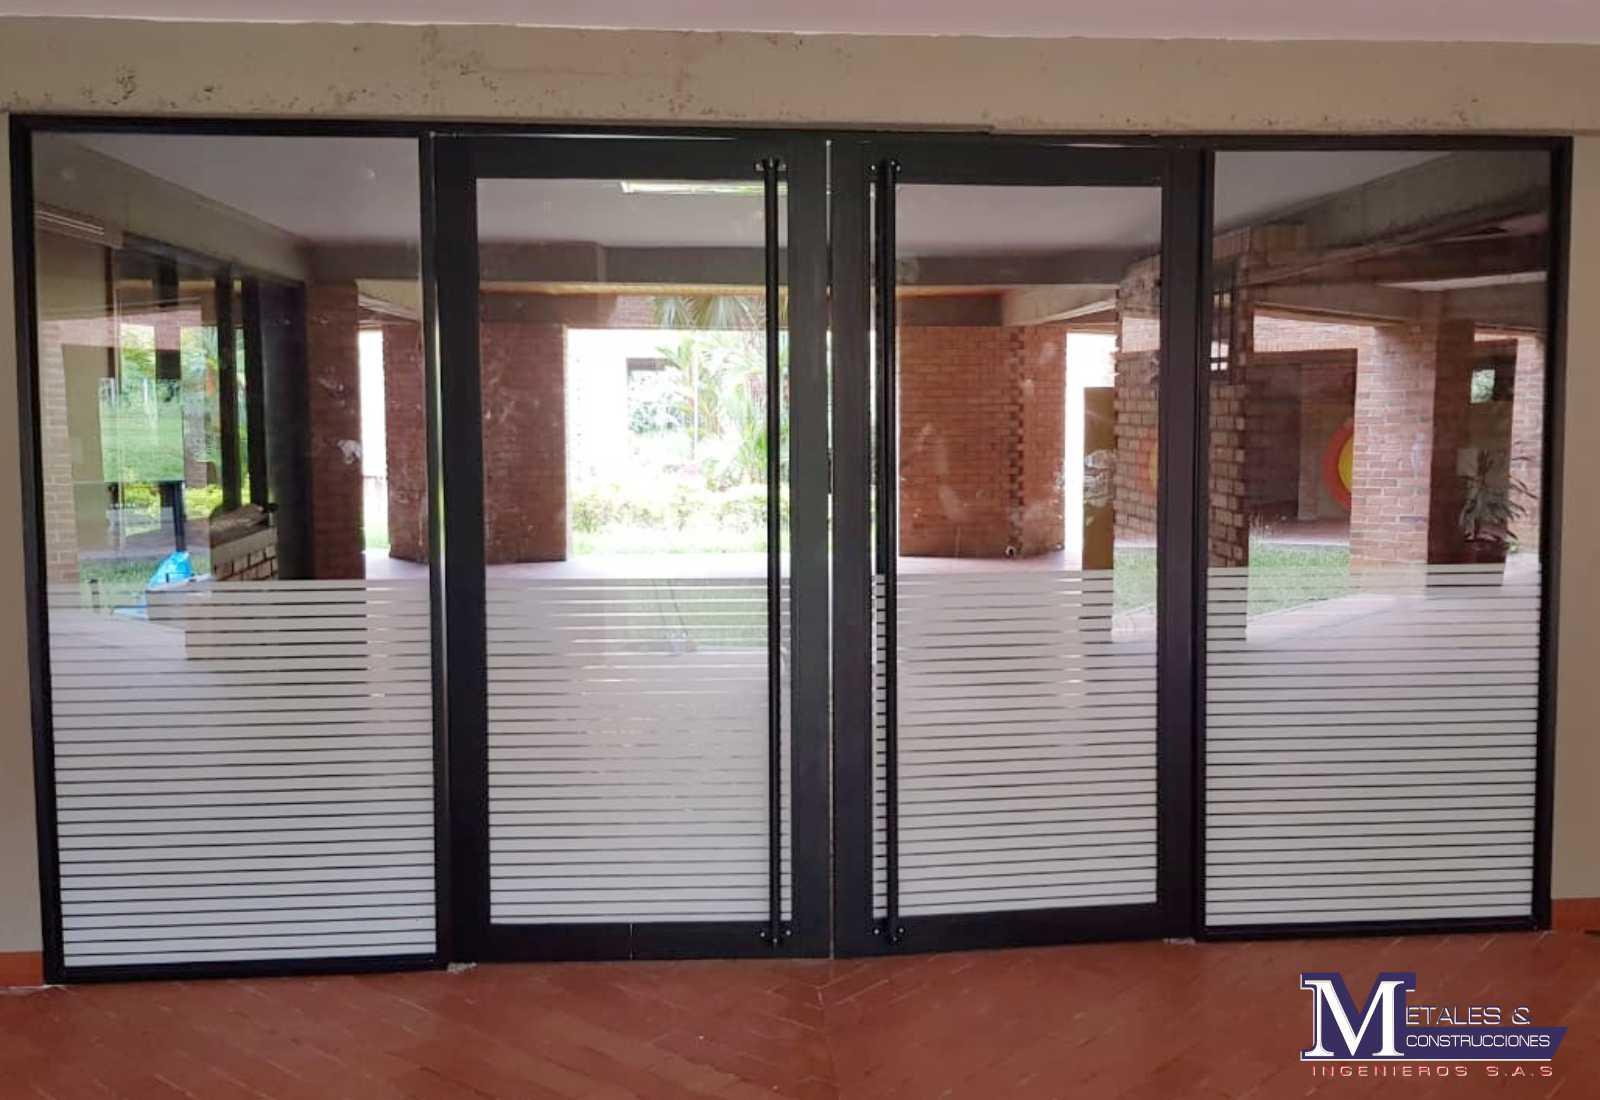 Colegios Metales y construcciones 2134